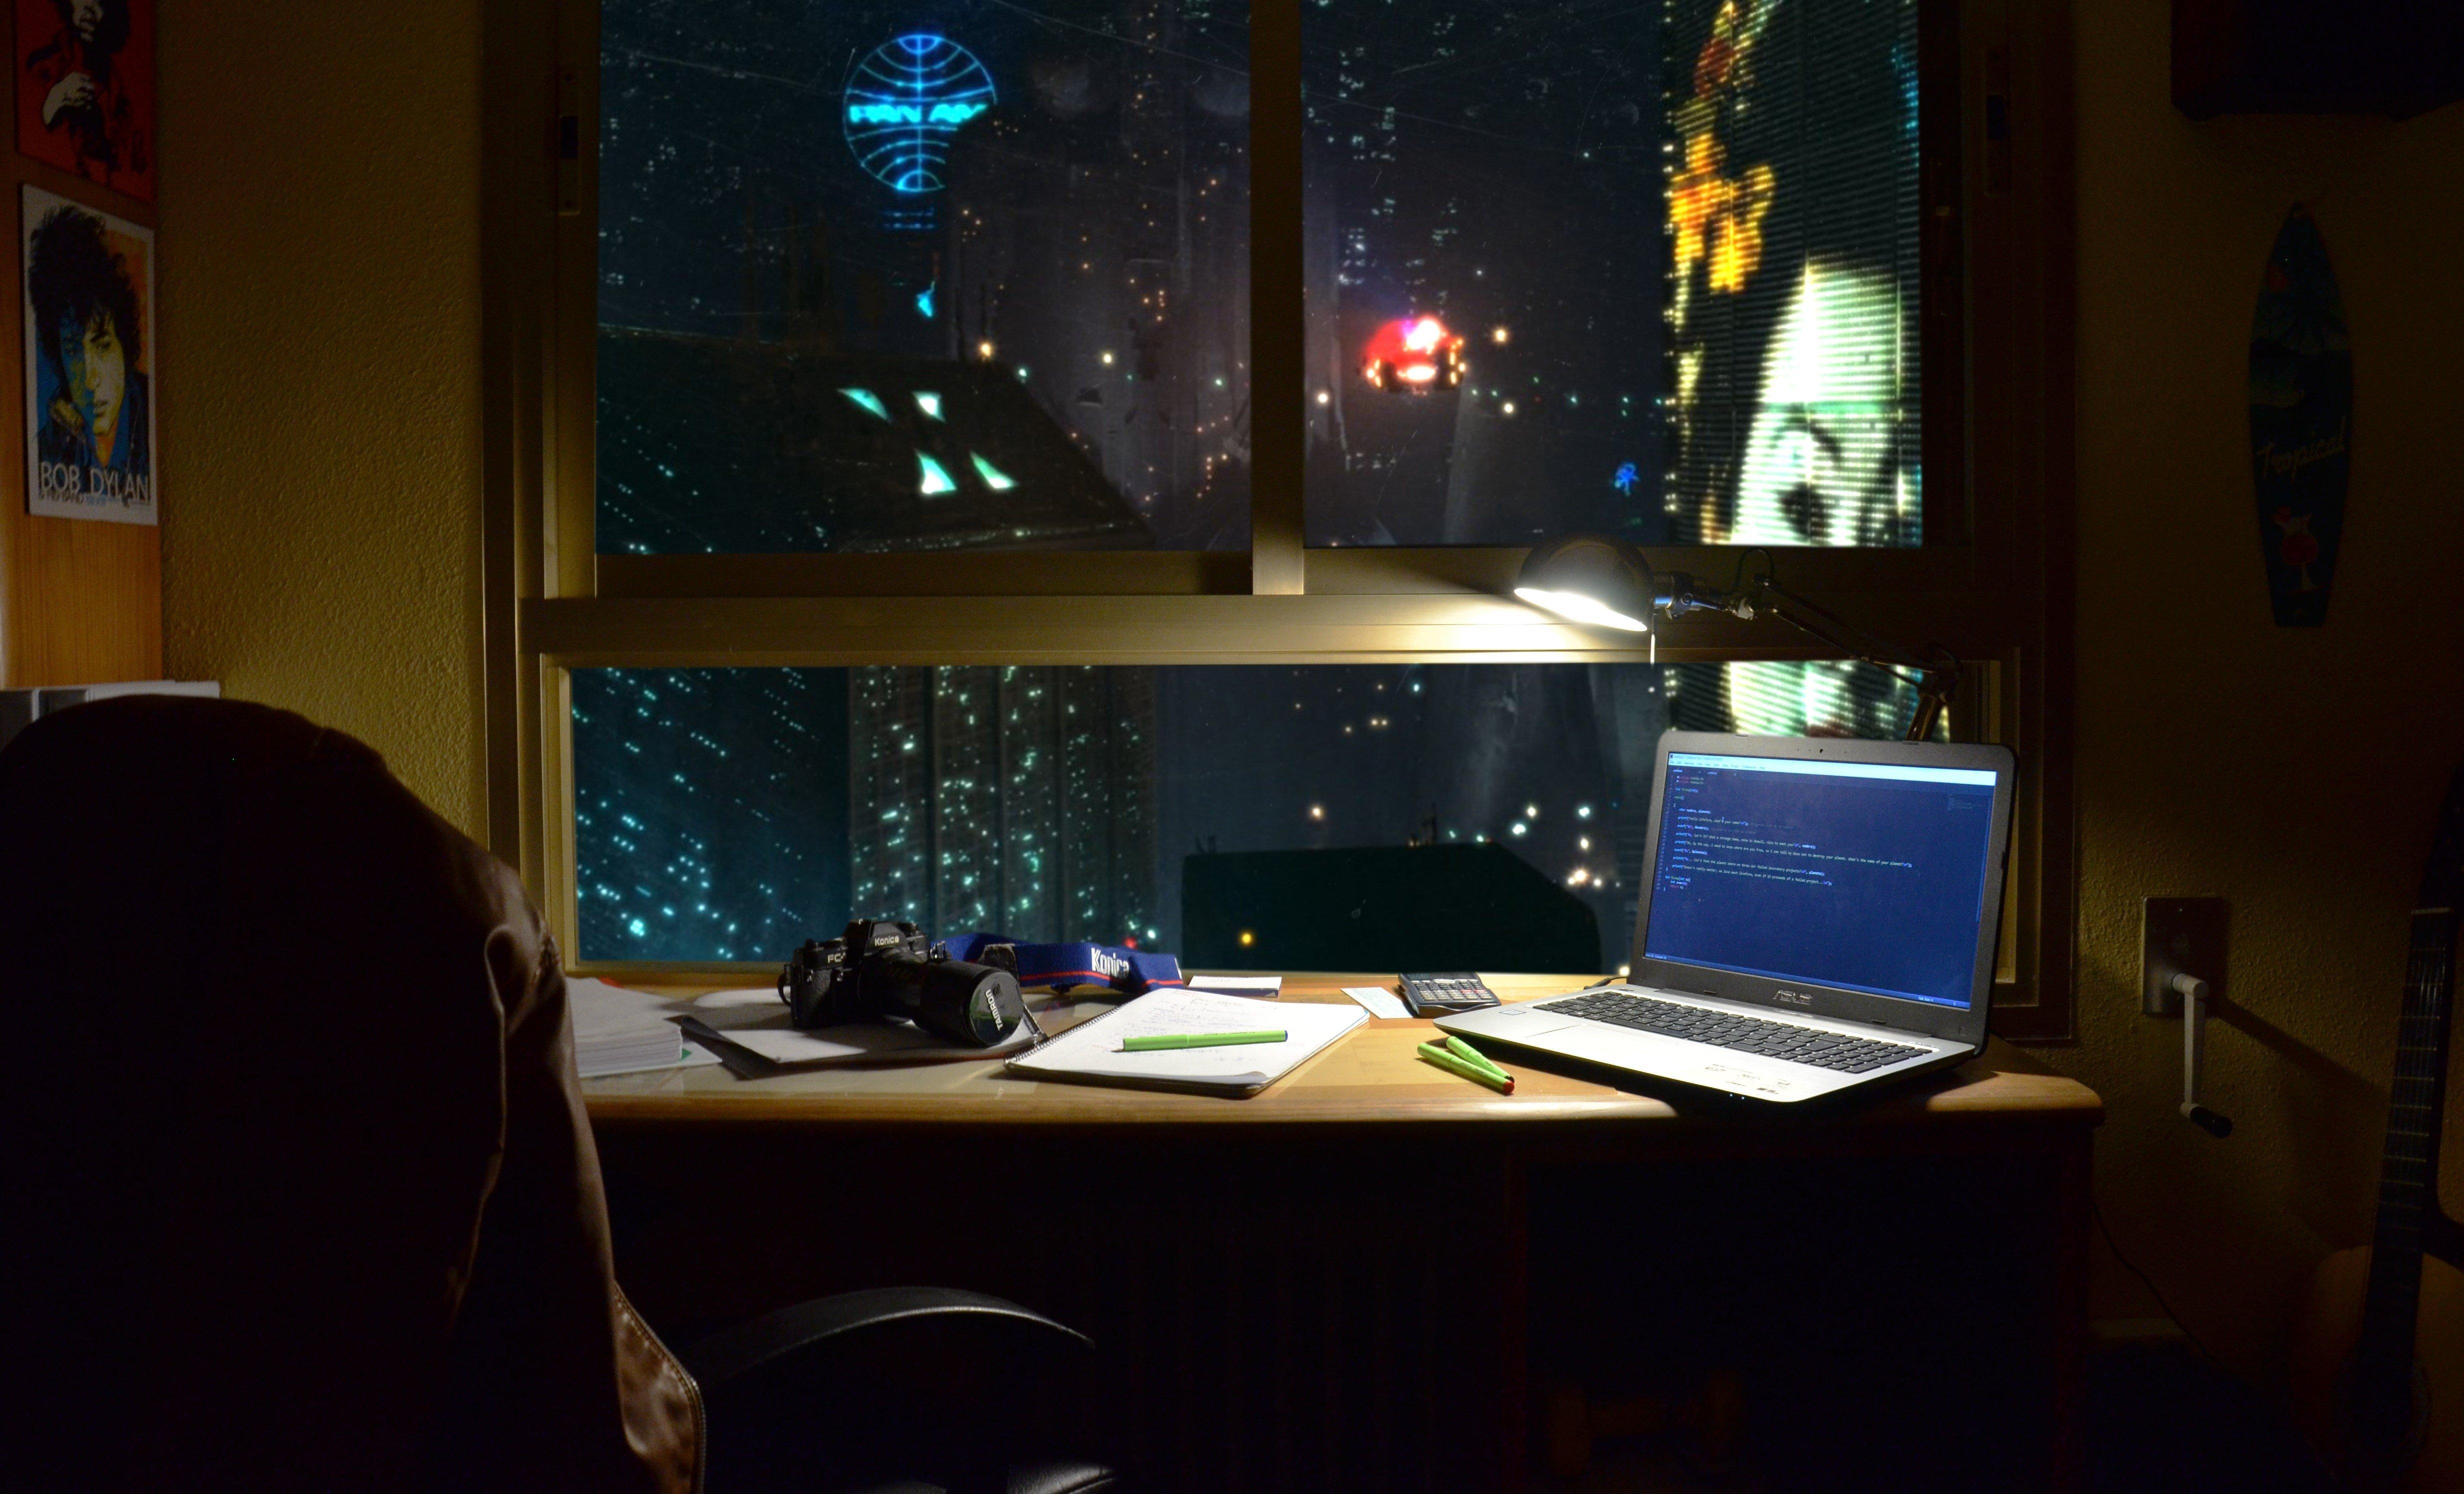 Blade Runner Cyberpunk Vaporwave Photography